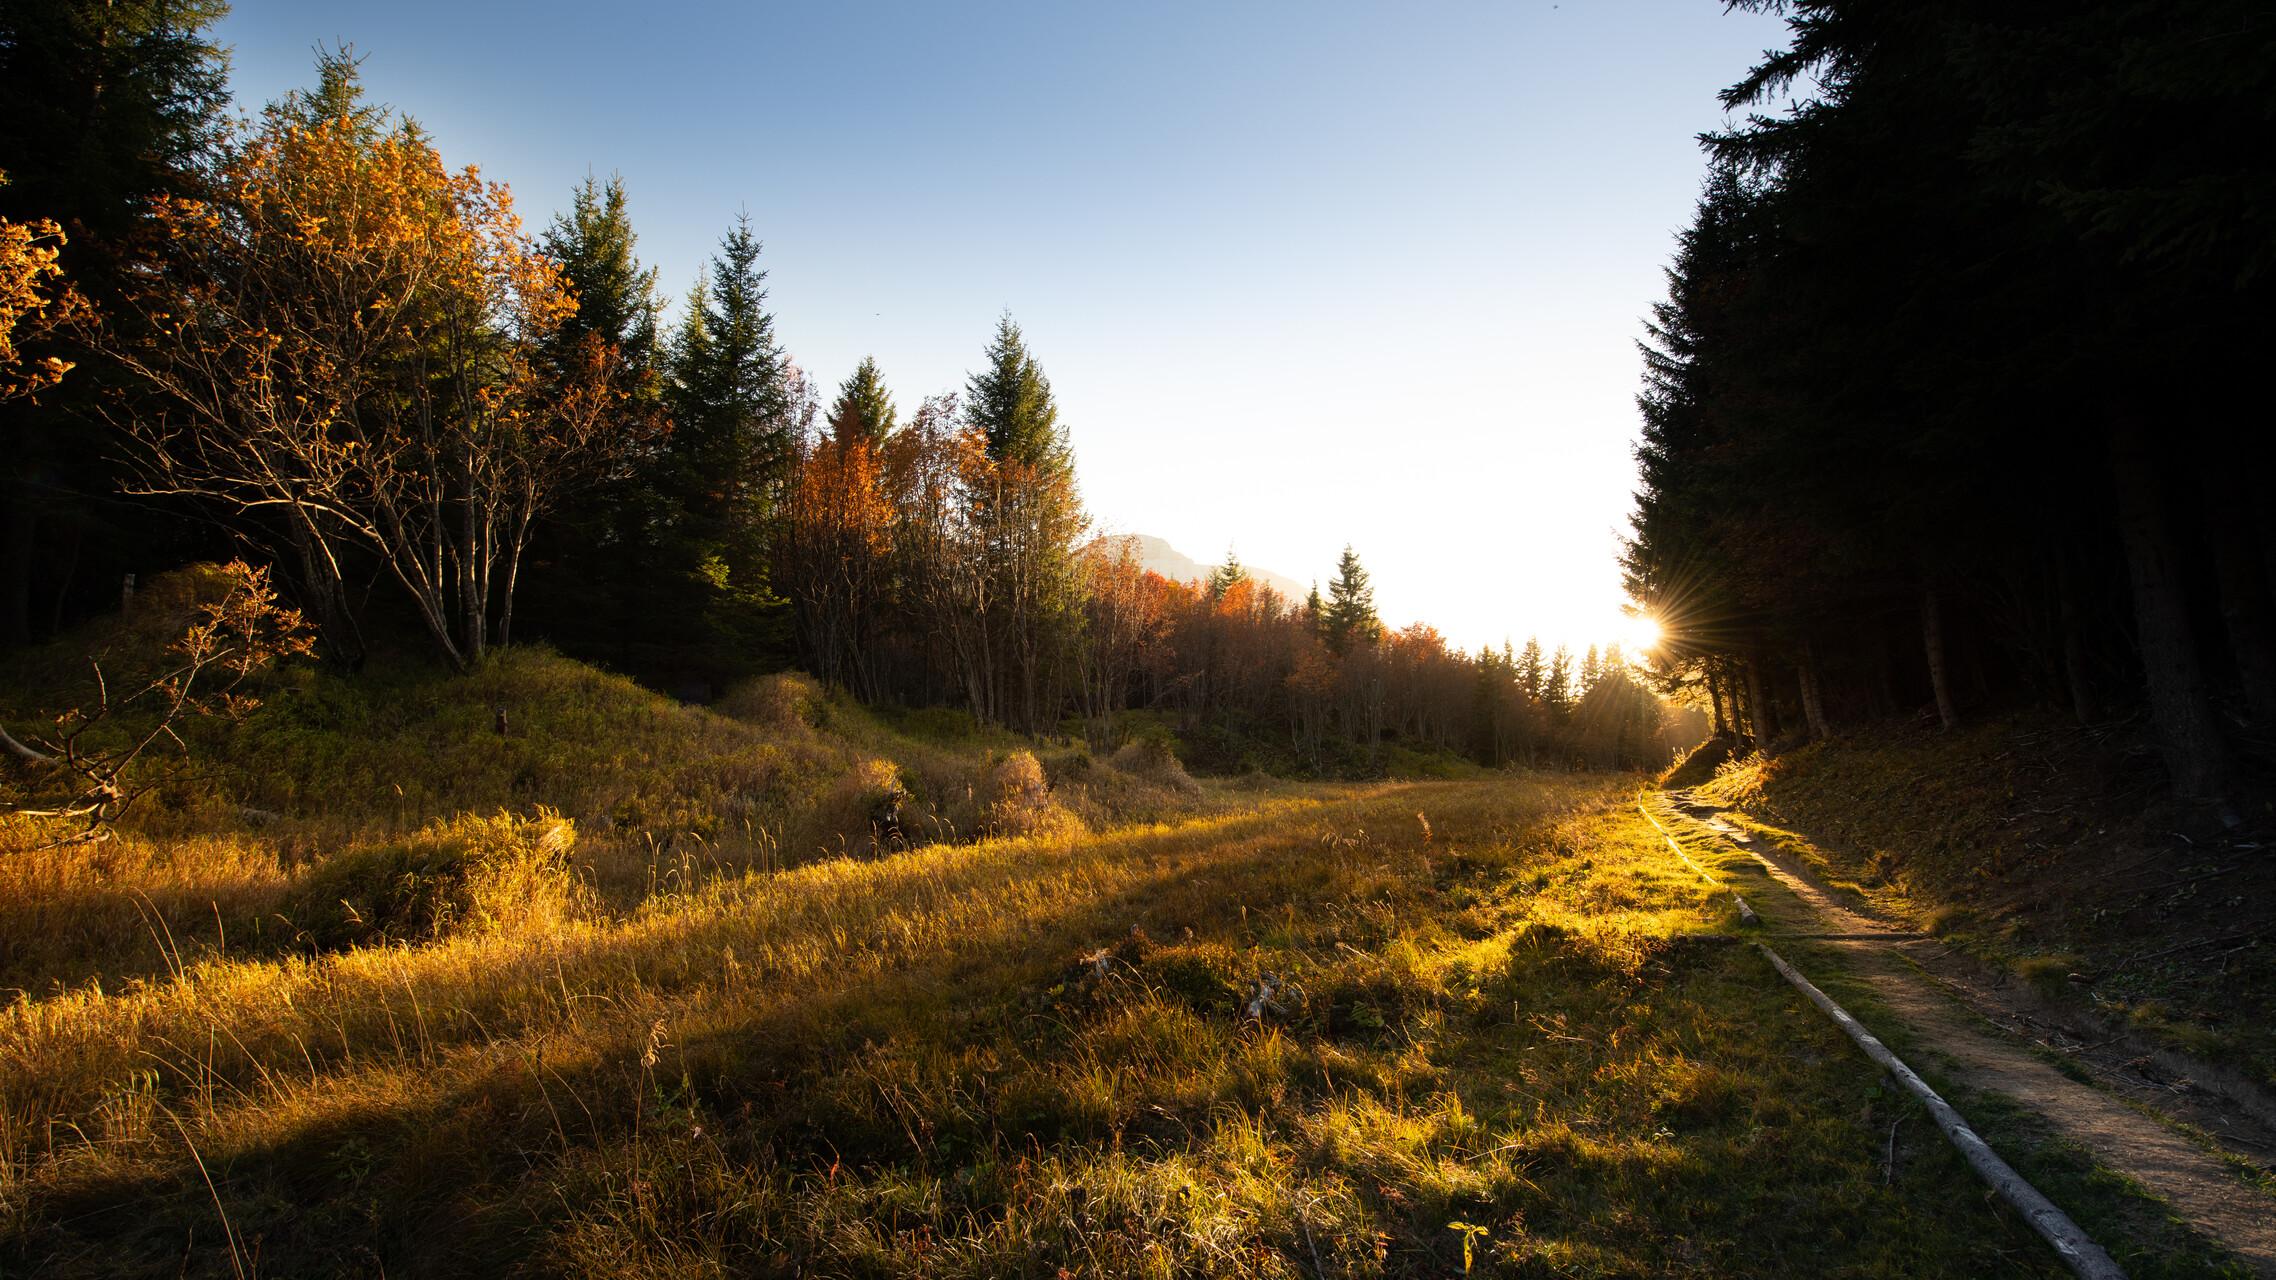 Herbst, die Jahreszeit der Tausend Farben !